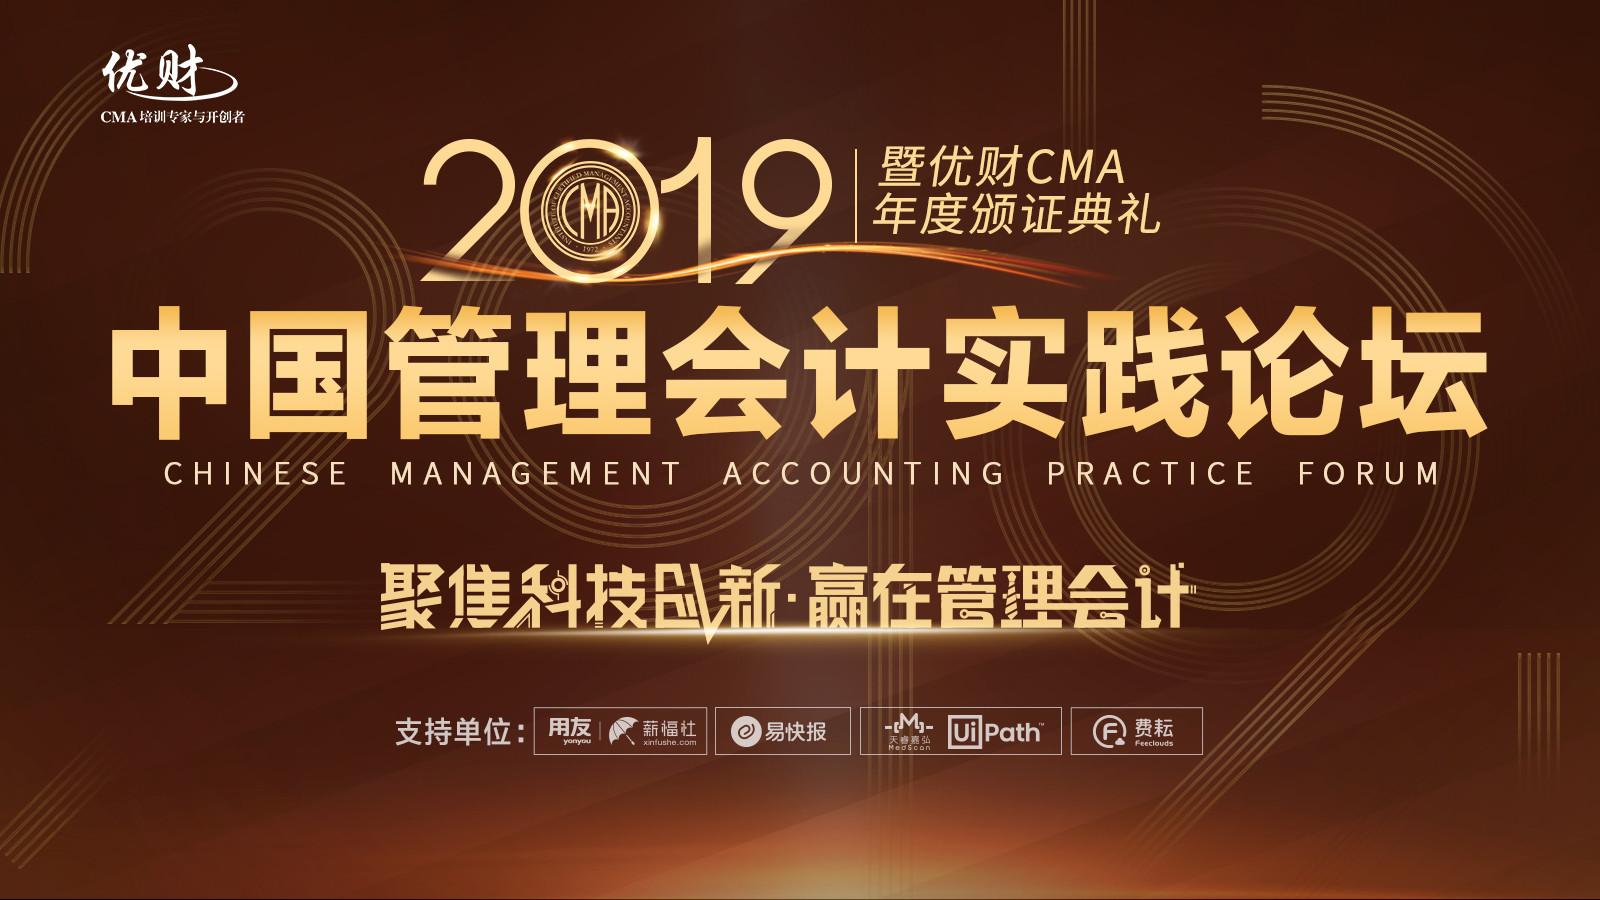 2019中国管理会计实践论坛暨优财CMA年度颁证典礼(北京)